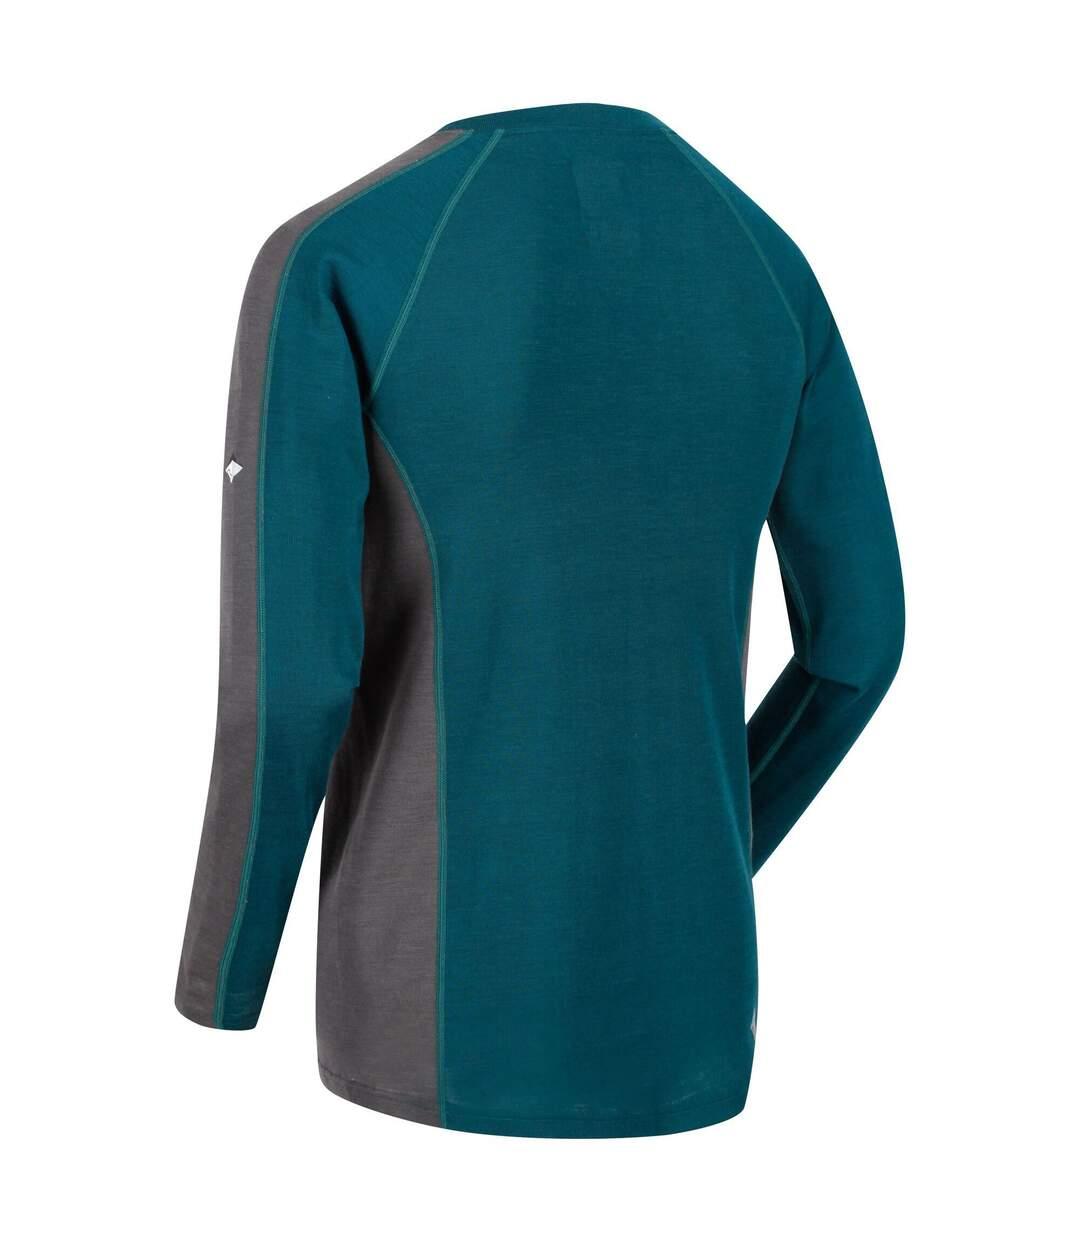 Regatta - Sous-Pull Thermique Beru - Homme (Bleu sarcelle/gris foncé) - UTRG2861